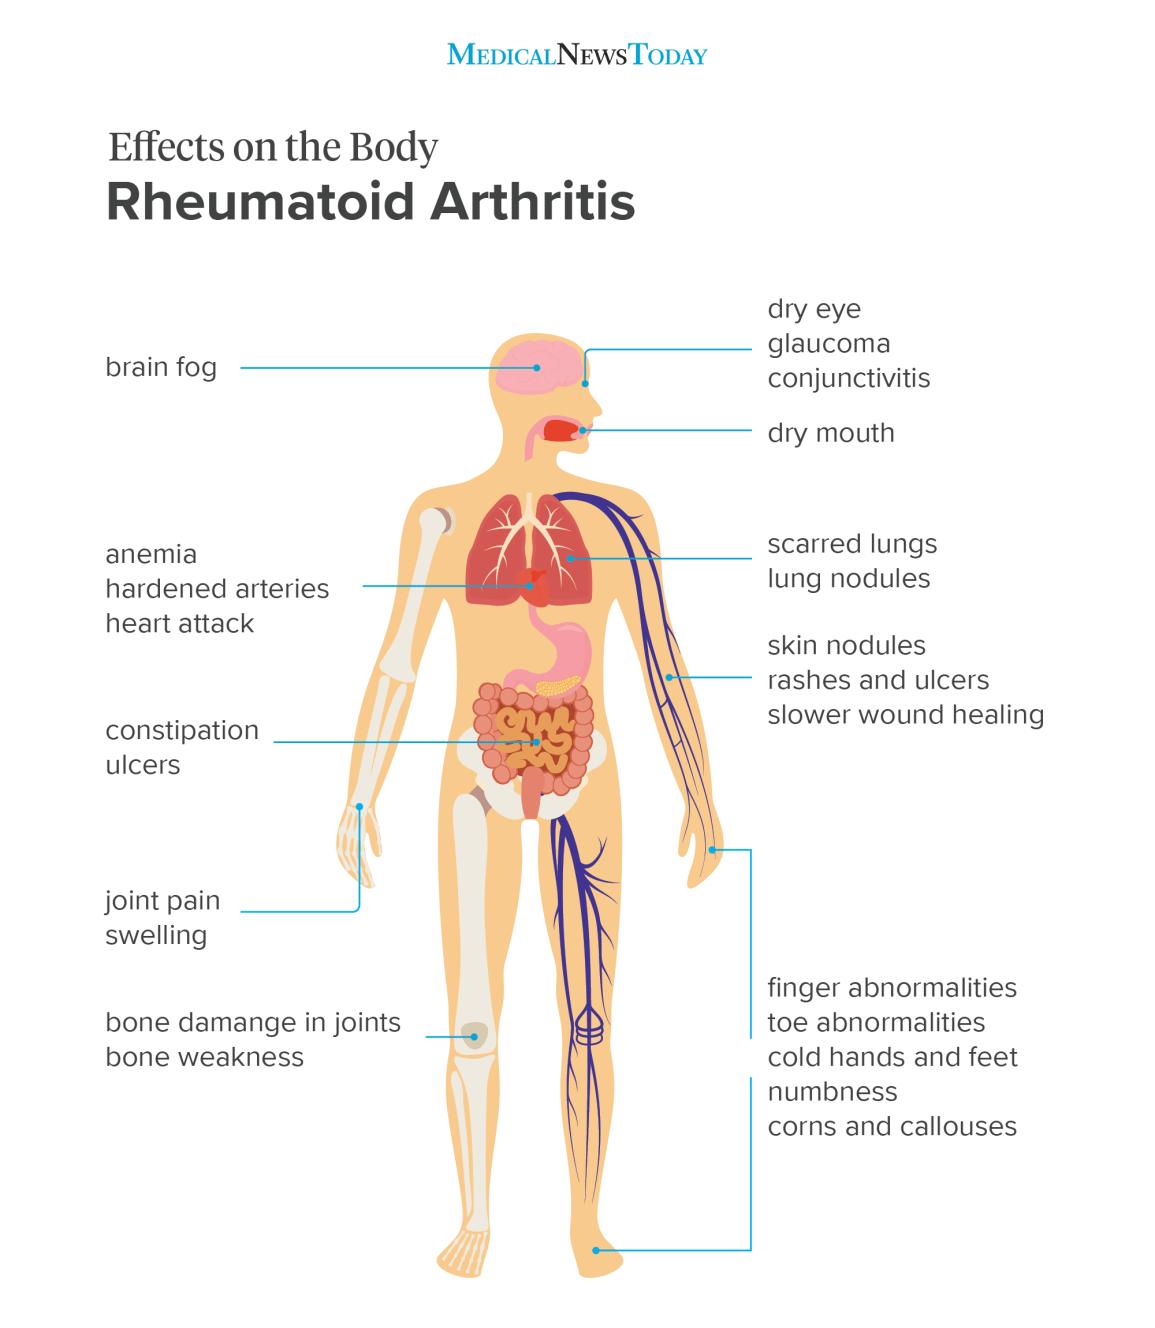 hogyan kezelhető a rheumatoid arthritis modern eszközökkel hogyan lehet a reumás ízületi gyulladást külföldön kezelni